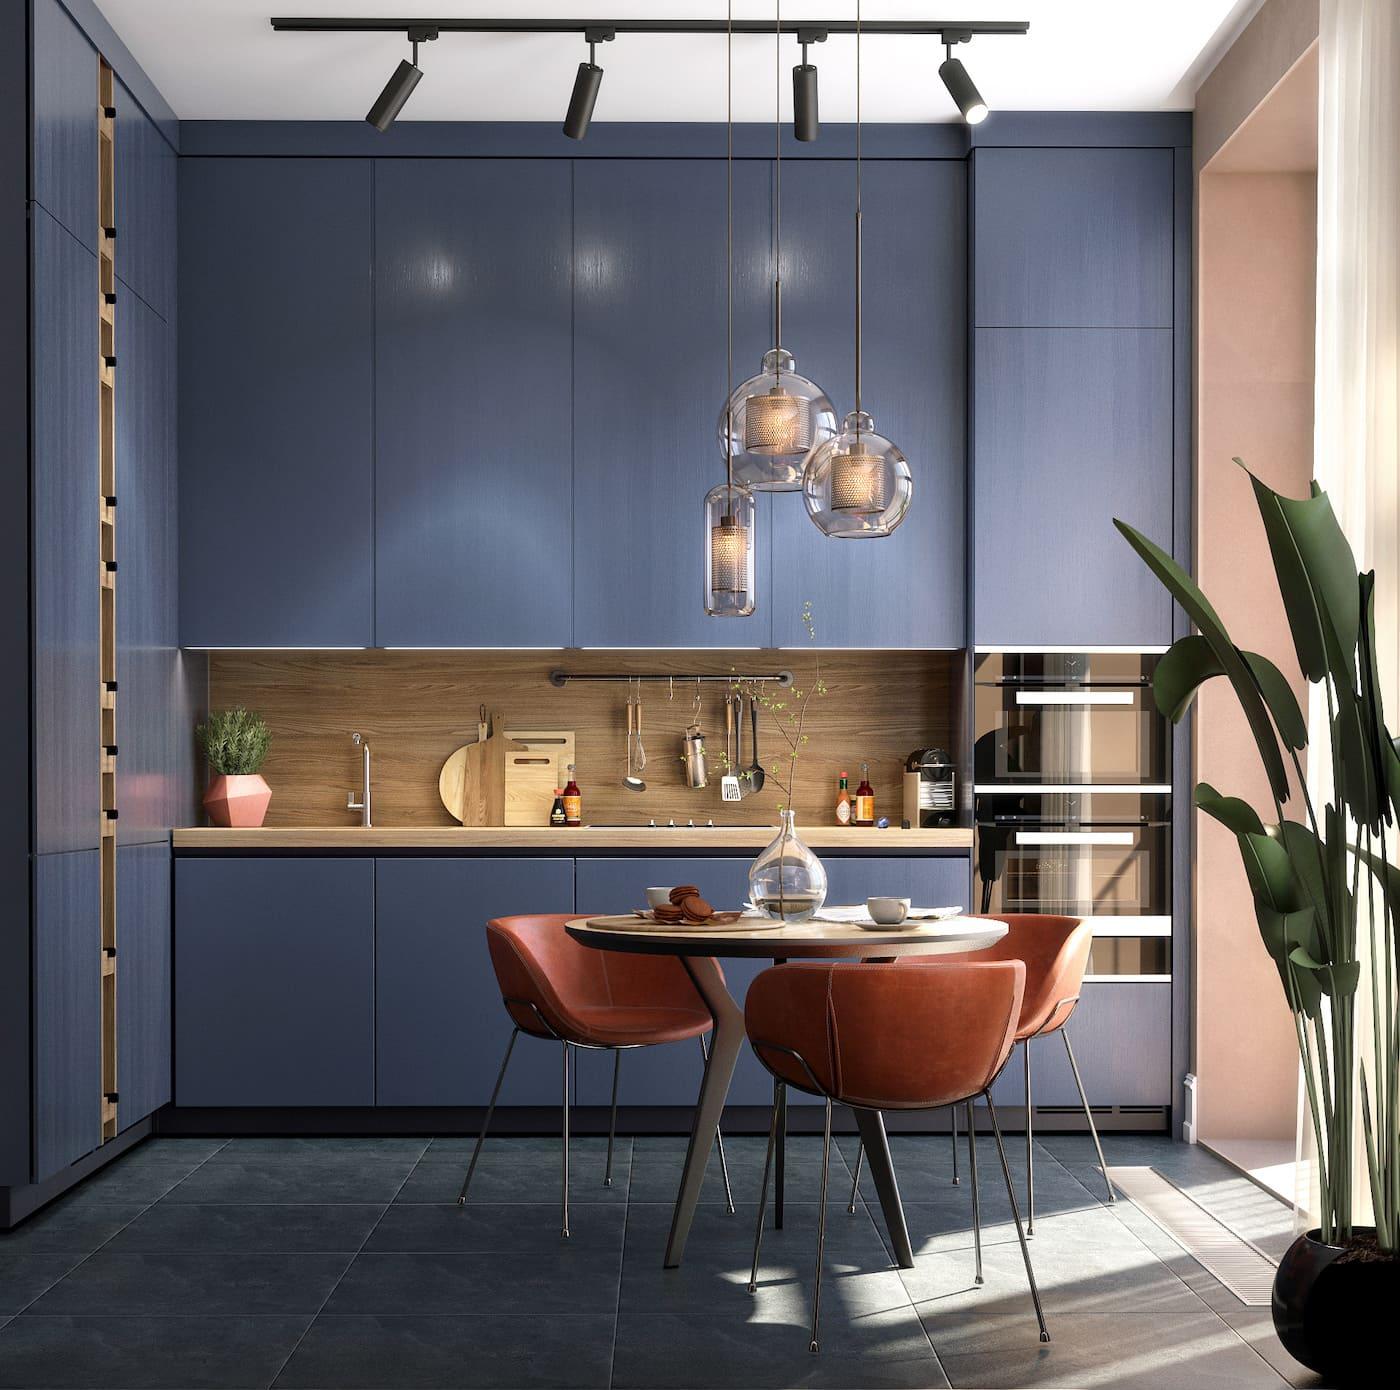 conception d'un appartement d'une pièce photo 12